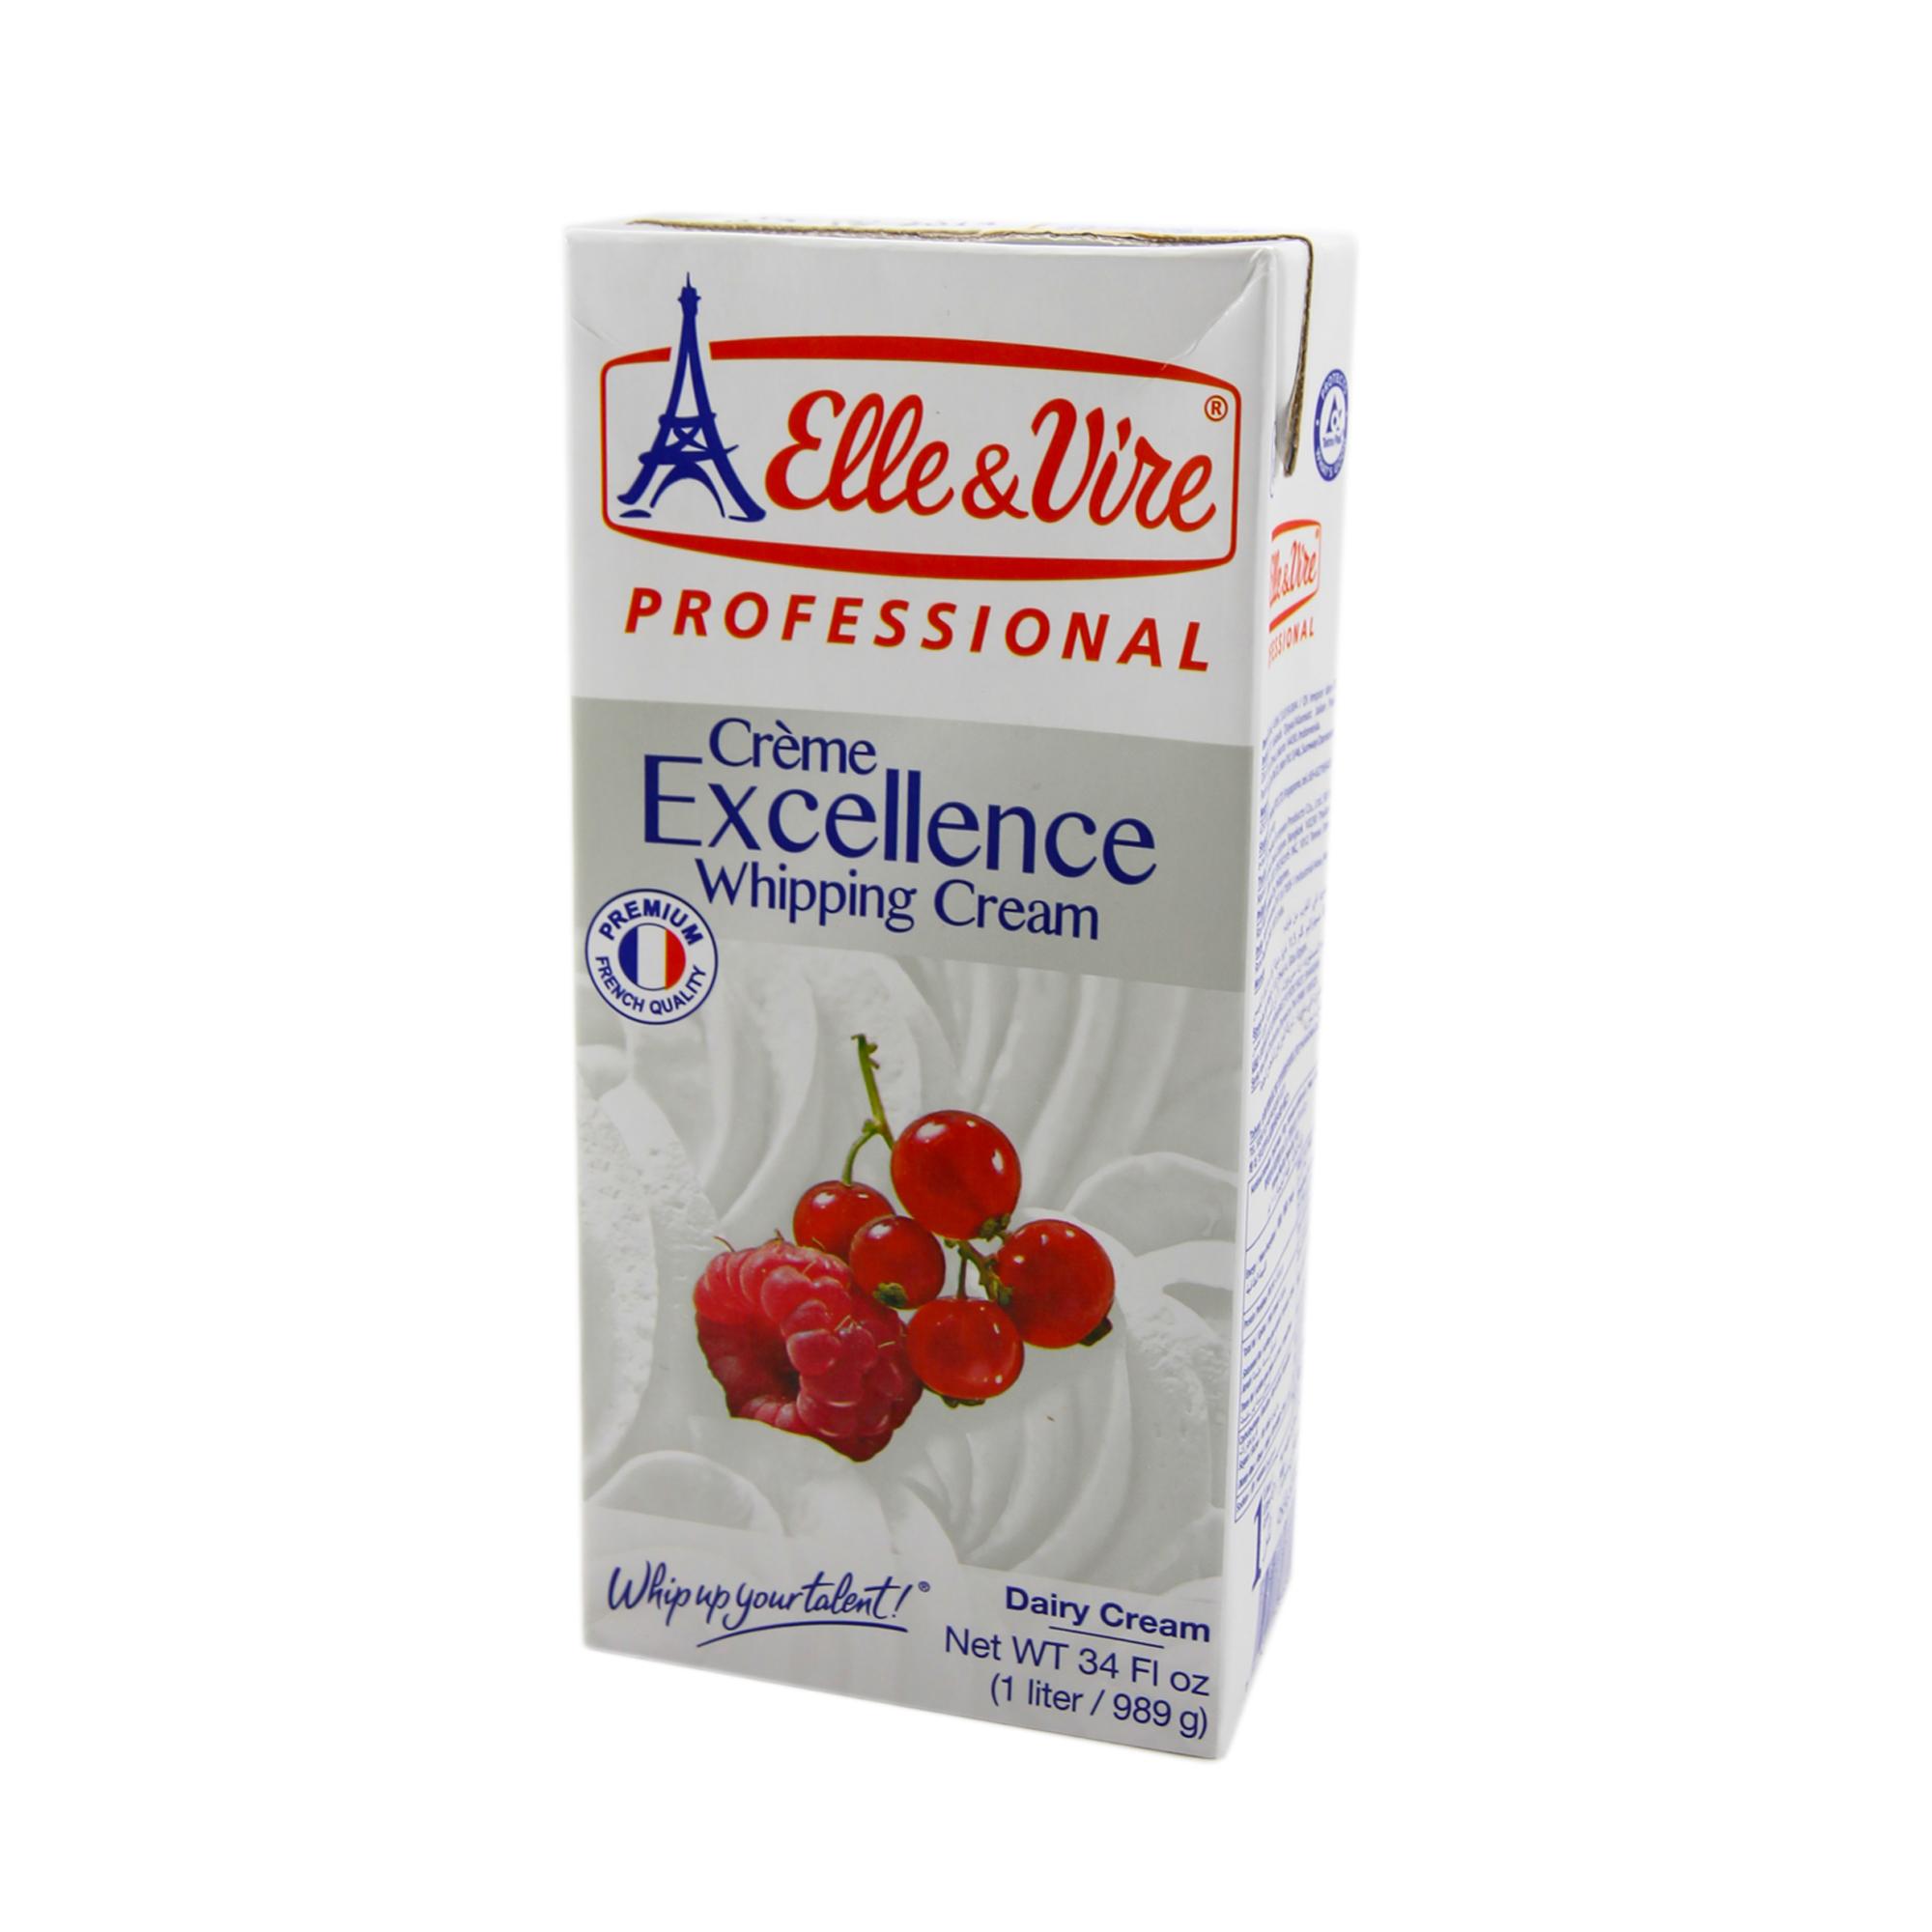 Elle&Vire วิปปิ้งครีม เดรี่ 1 L (Elle&Vire dairy wipping cream 35.1%) (ไม่จัดส่งทางไปรษณีย์)